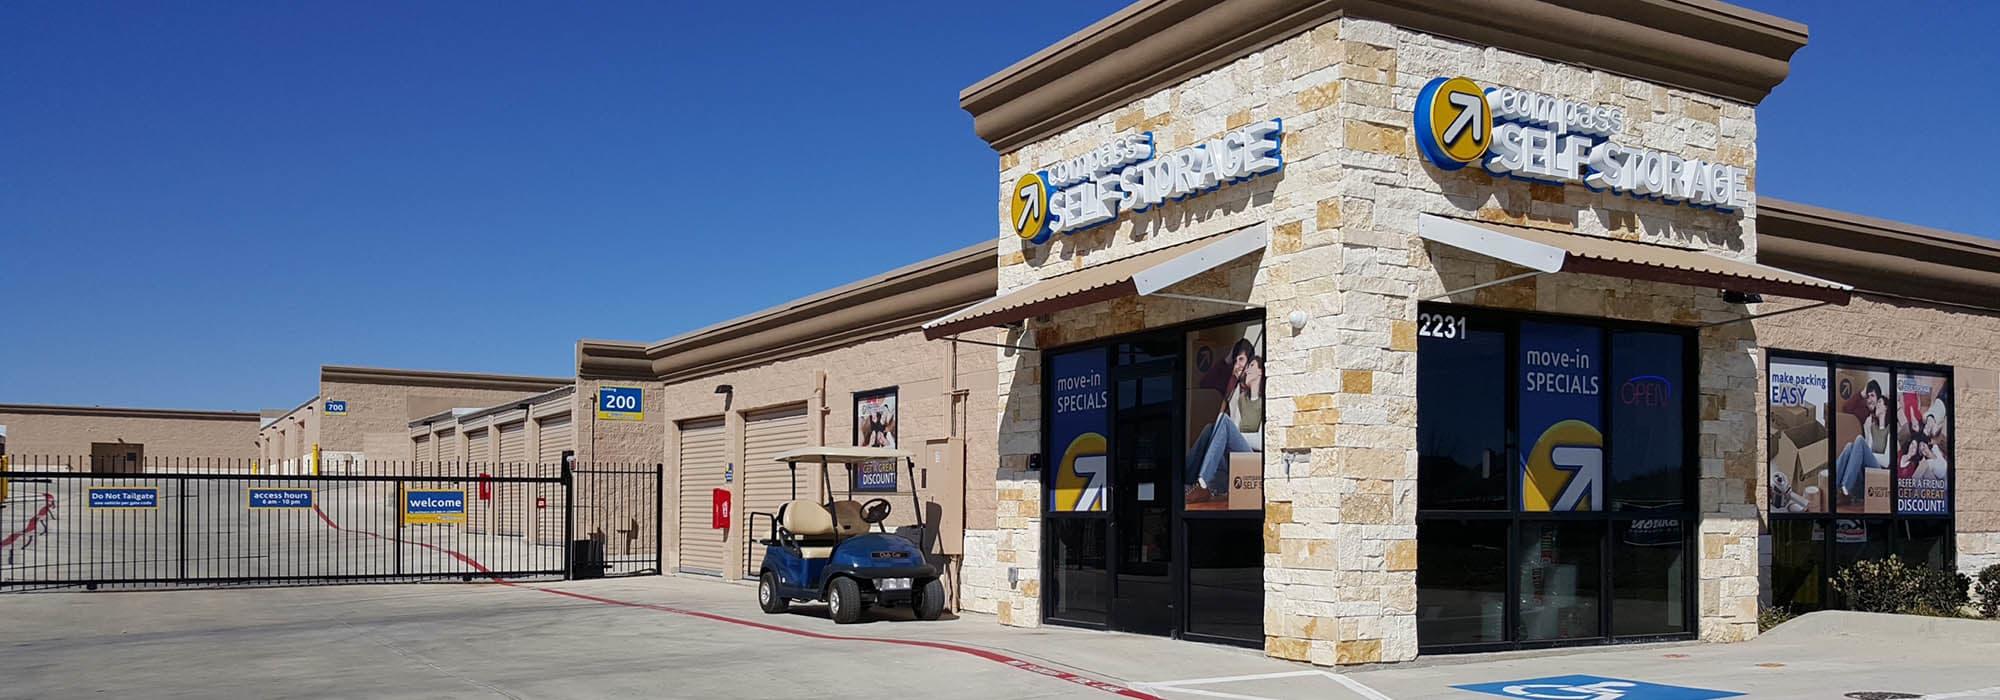 Merveilleux Self Storage In Mansfield TX